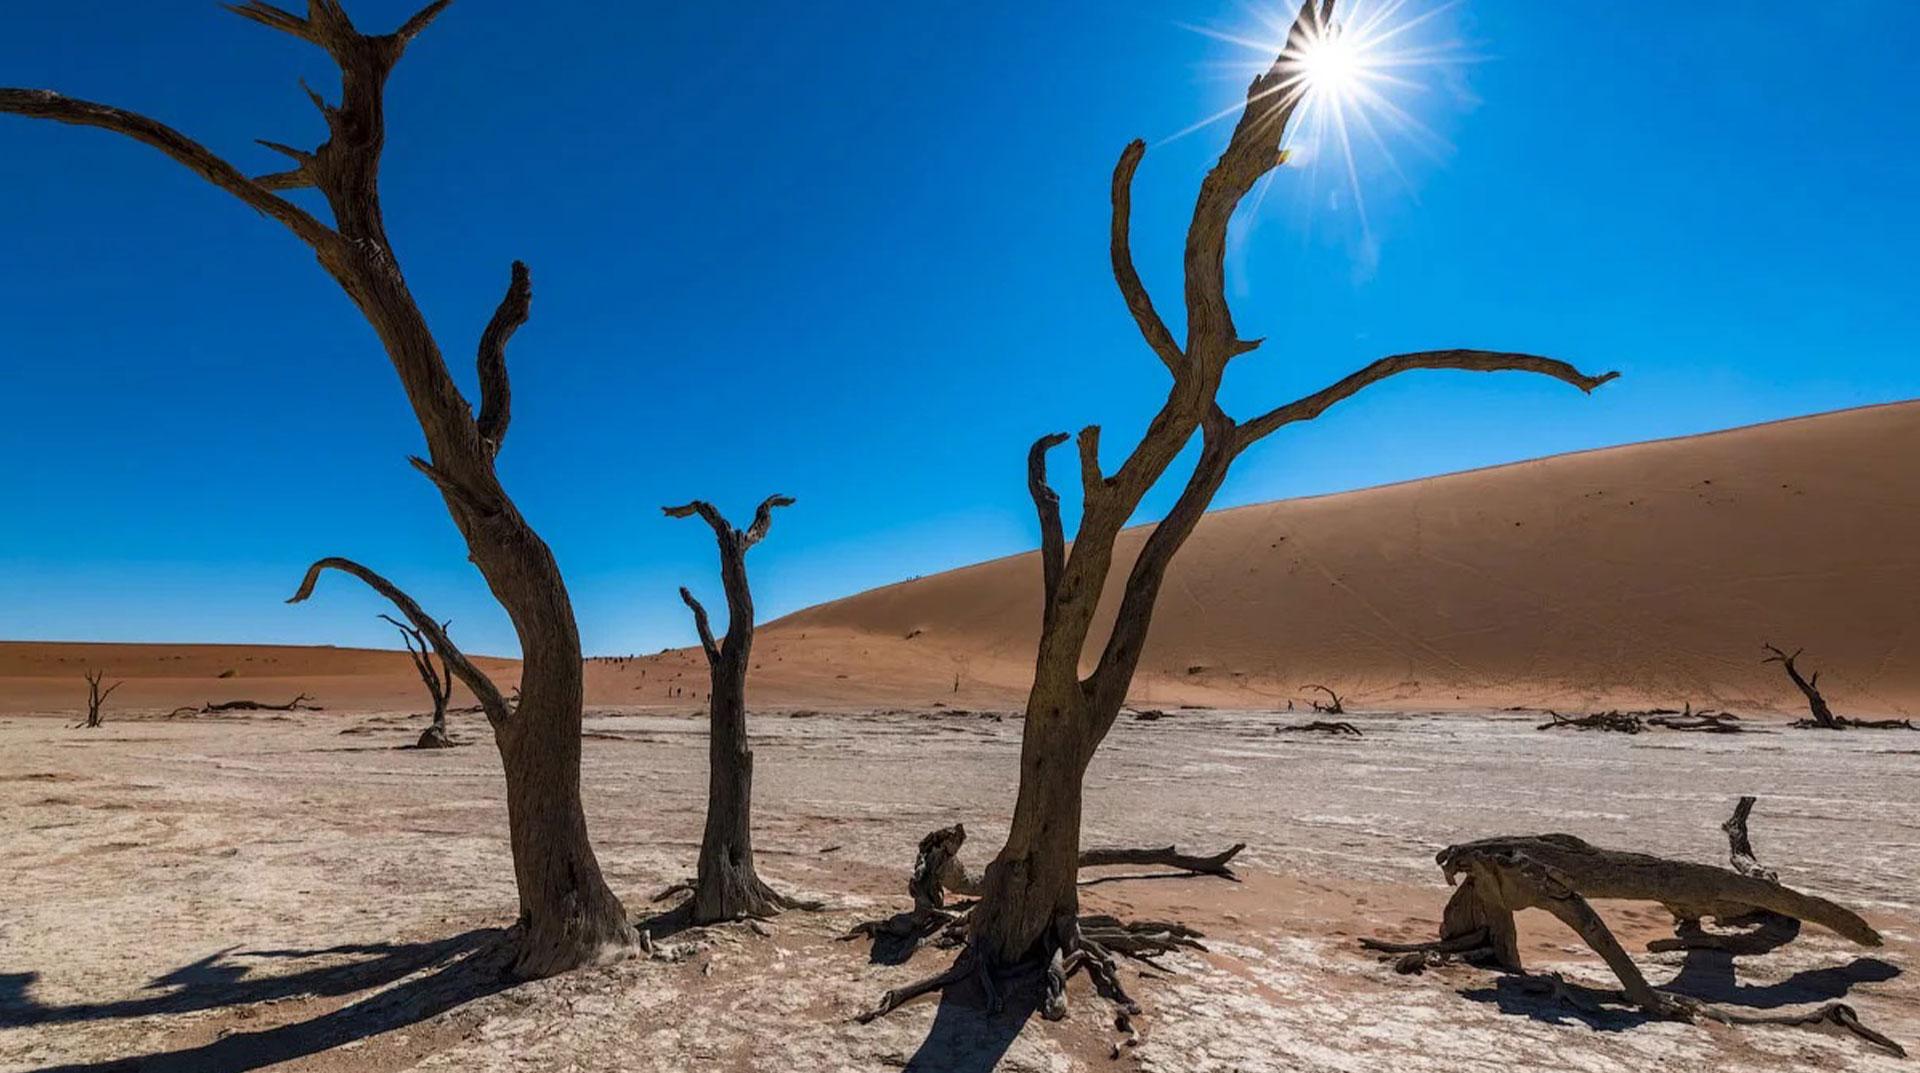 Son 10 yıl tarihin en sıcak 10 yılı oldu